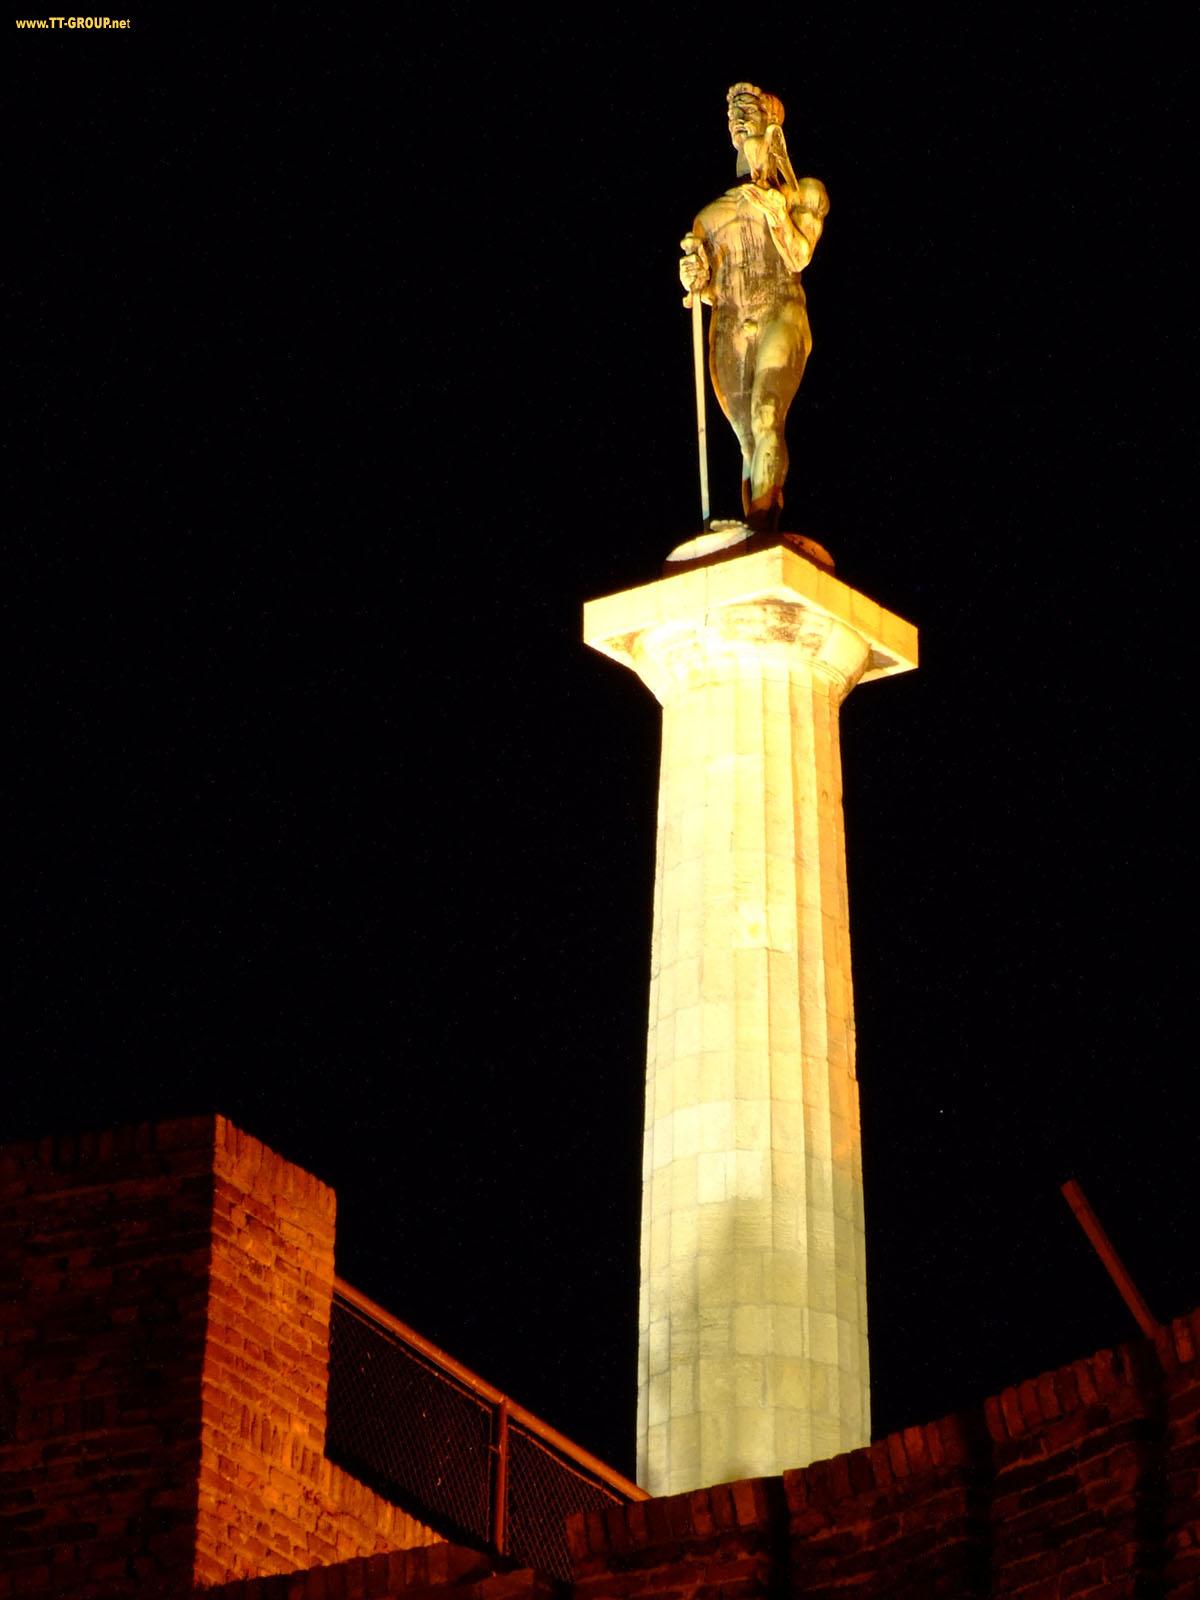 Simbol Beograda na Kalemegdanu